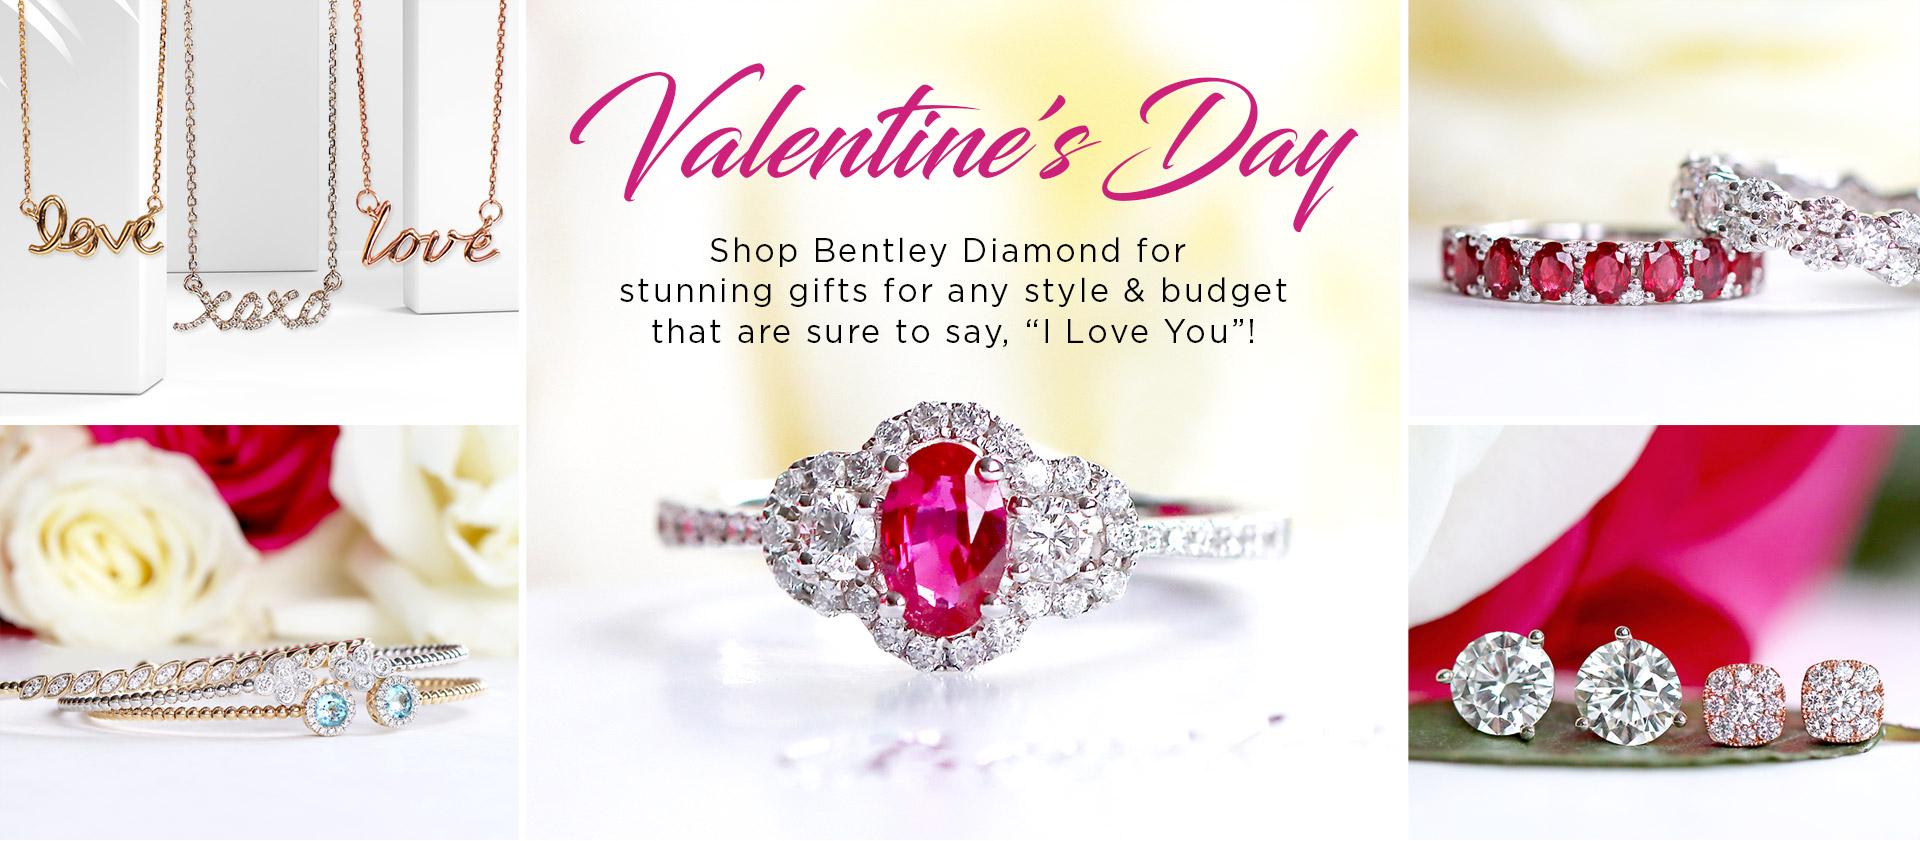 Bentley Diamond - Valentines Day